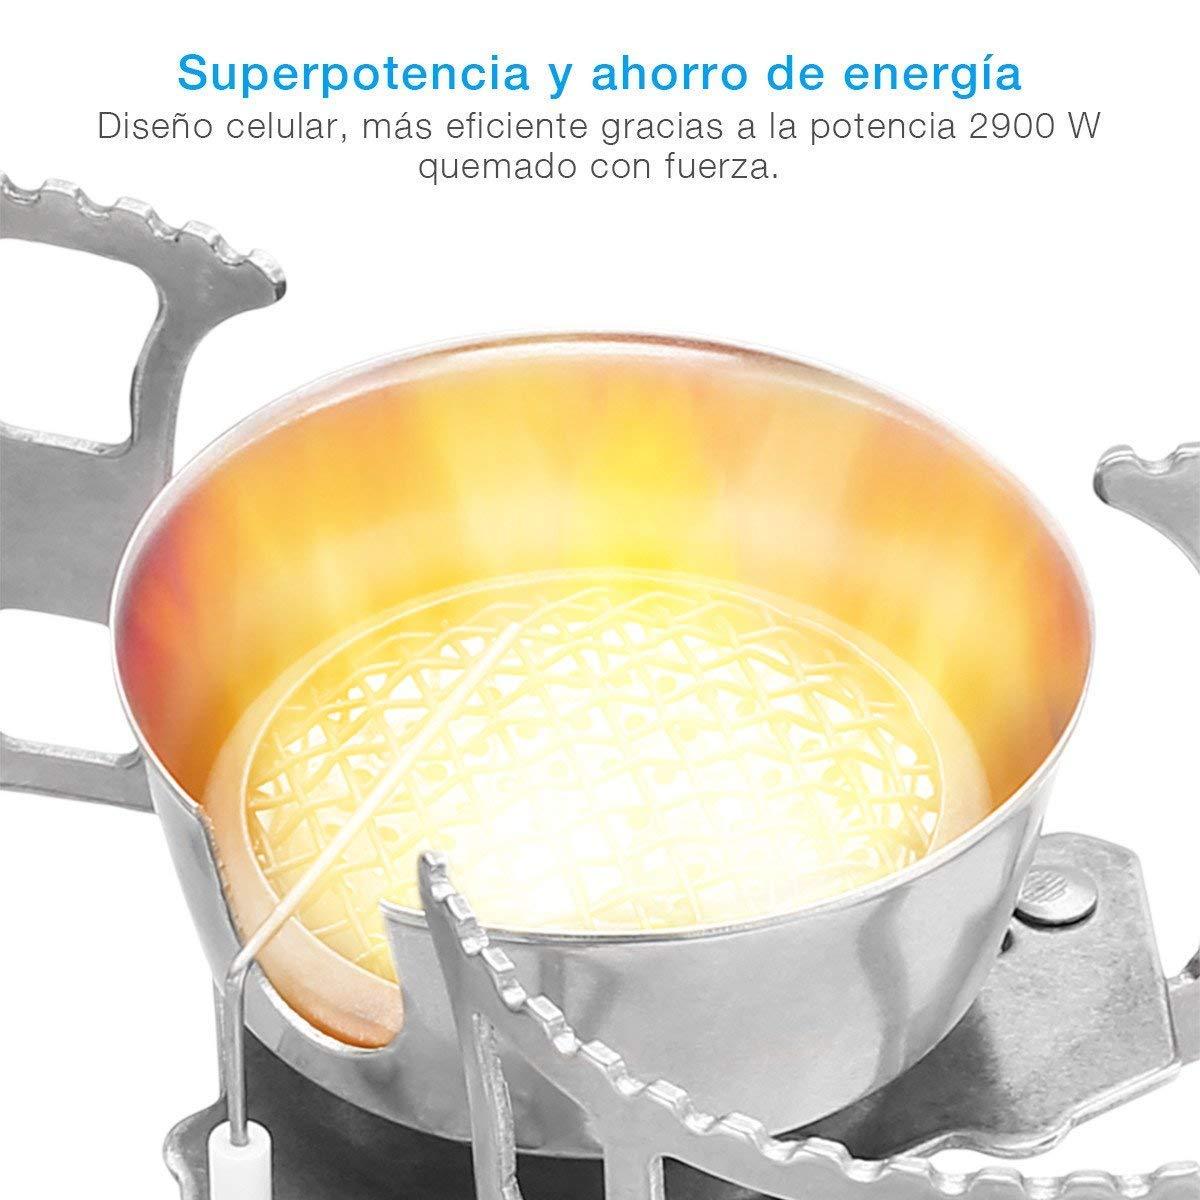 isYoug Mini Poêle superlégers Pliable extérieur Résistant au Vent en acier inoxydable de camping cuisine de design partagé de allumage électronique de superpuissance 2900W